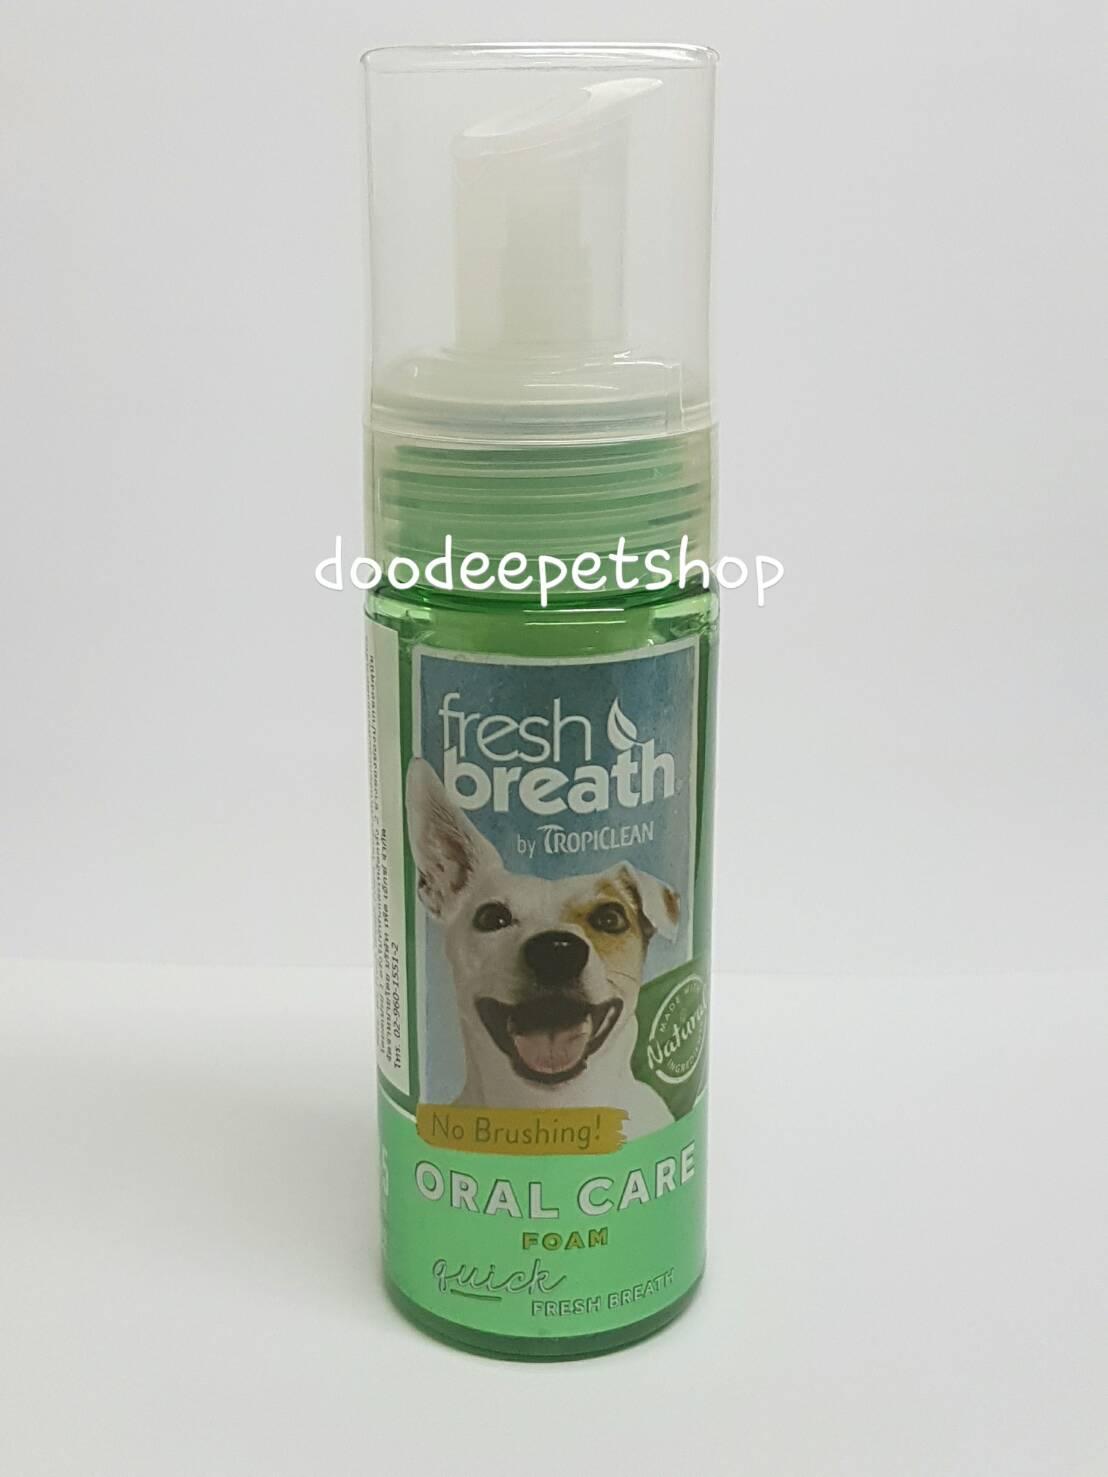 Tropiclean Exp.11/21 โฟมดูแลช่องปากสุนัข ลดกลิ่นปาก ลดคราบหินปูน สำหรับสุนัข 4 เดือนขึ้นไป ขนาด 133 มล.